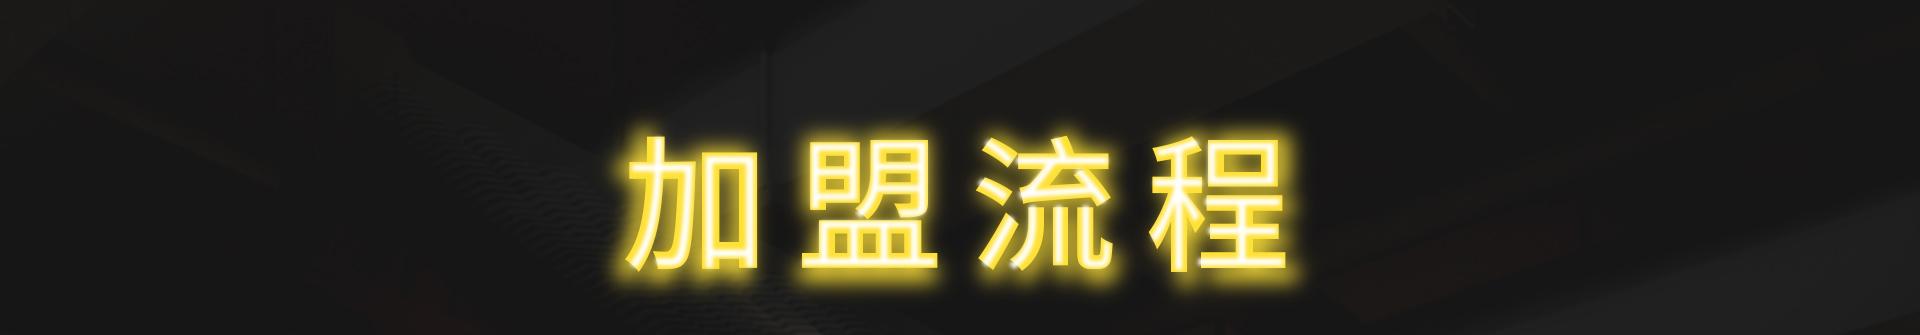 宽窄巷子火锅kzxz_41